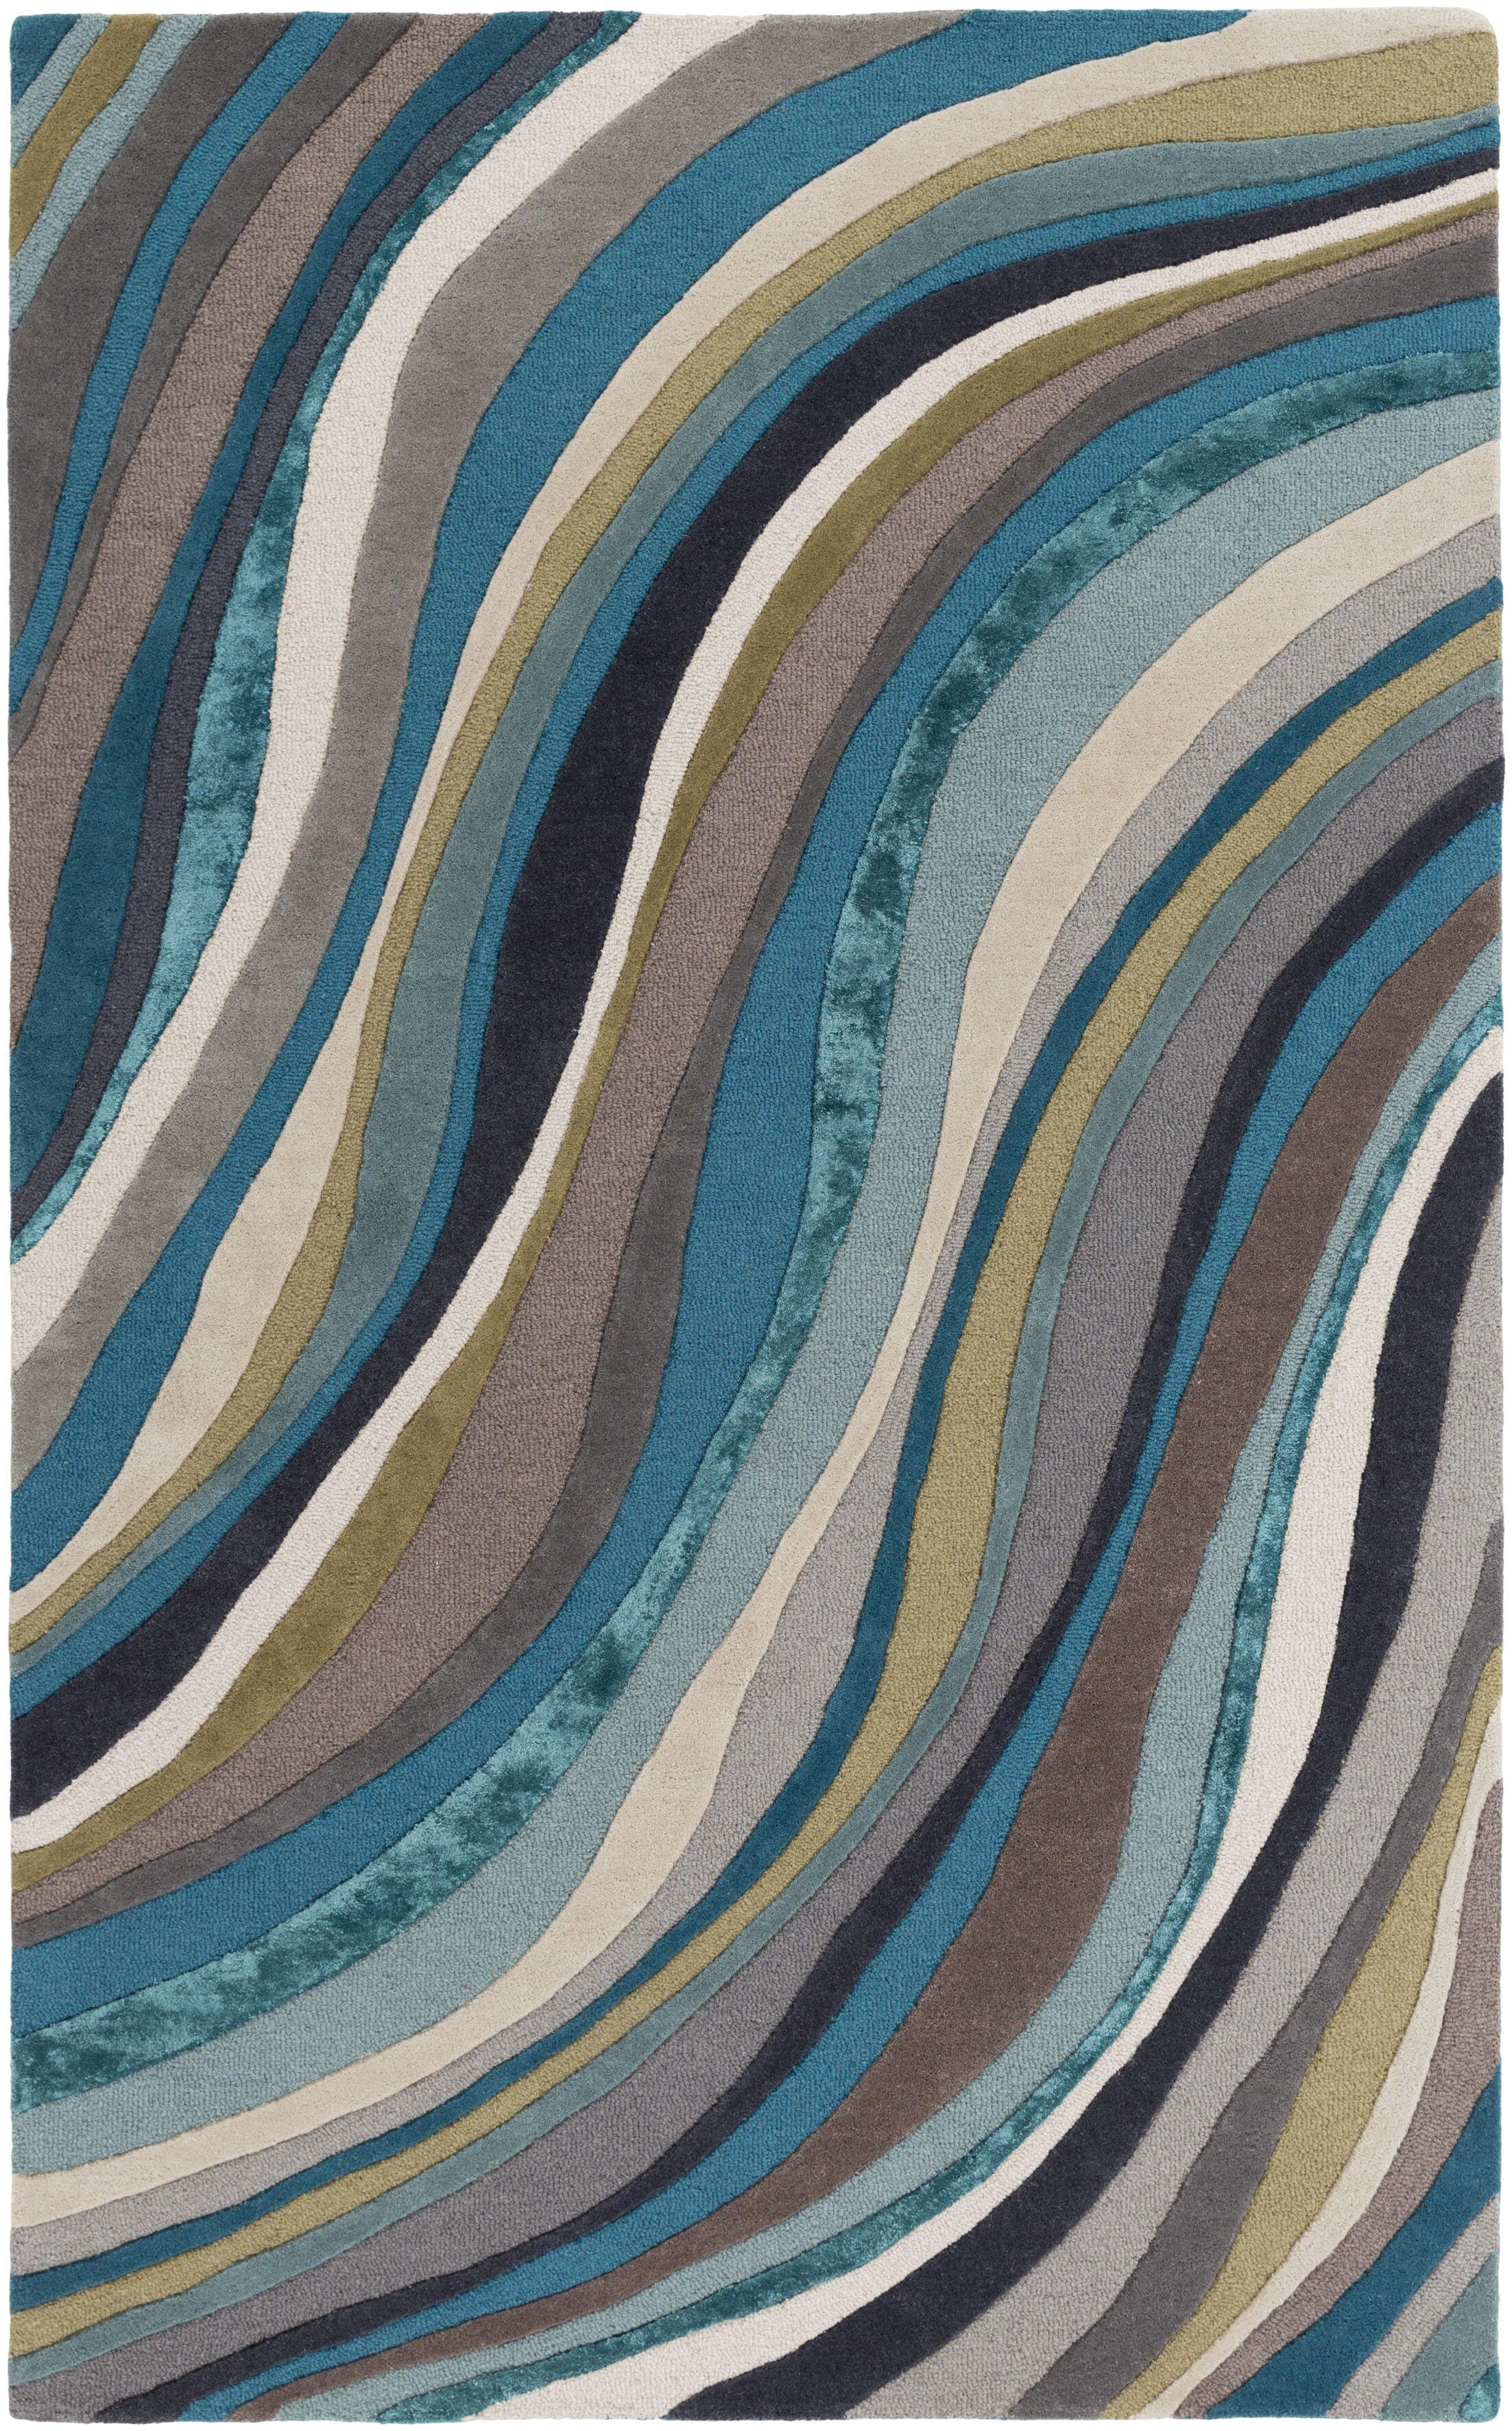 Pena Hand-Tufted Aqua Area Rug Rug Size: Rectangle 4' x 6'